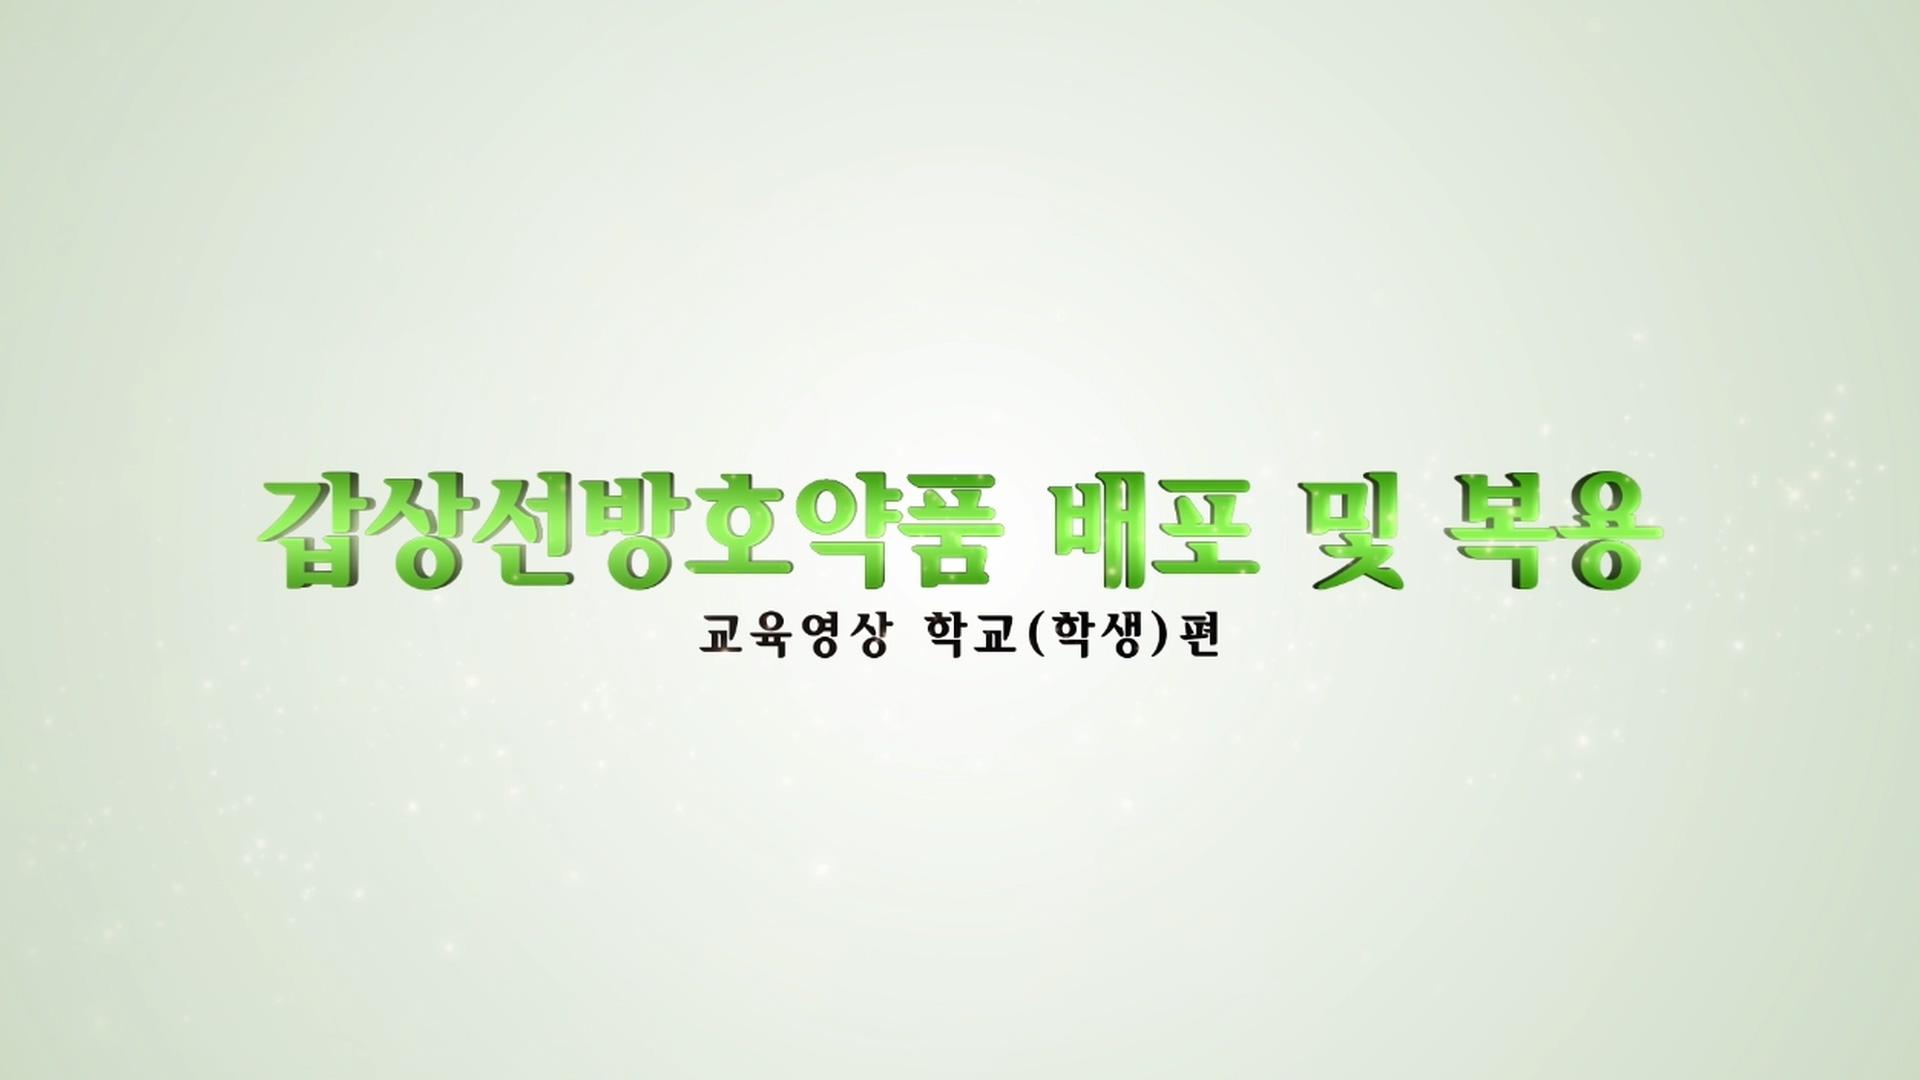 갑상선방호약품 교육영상학교영문.mp4_20180512_173036.959.jpg